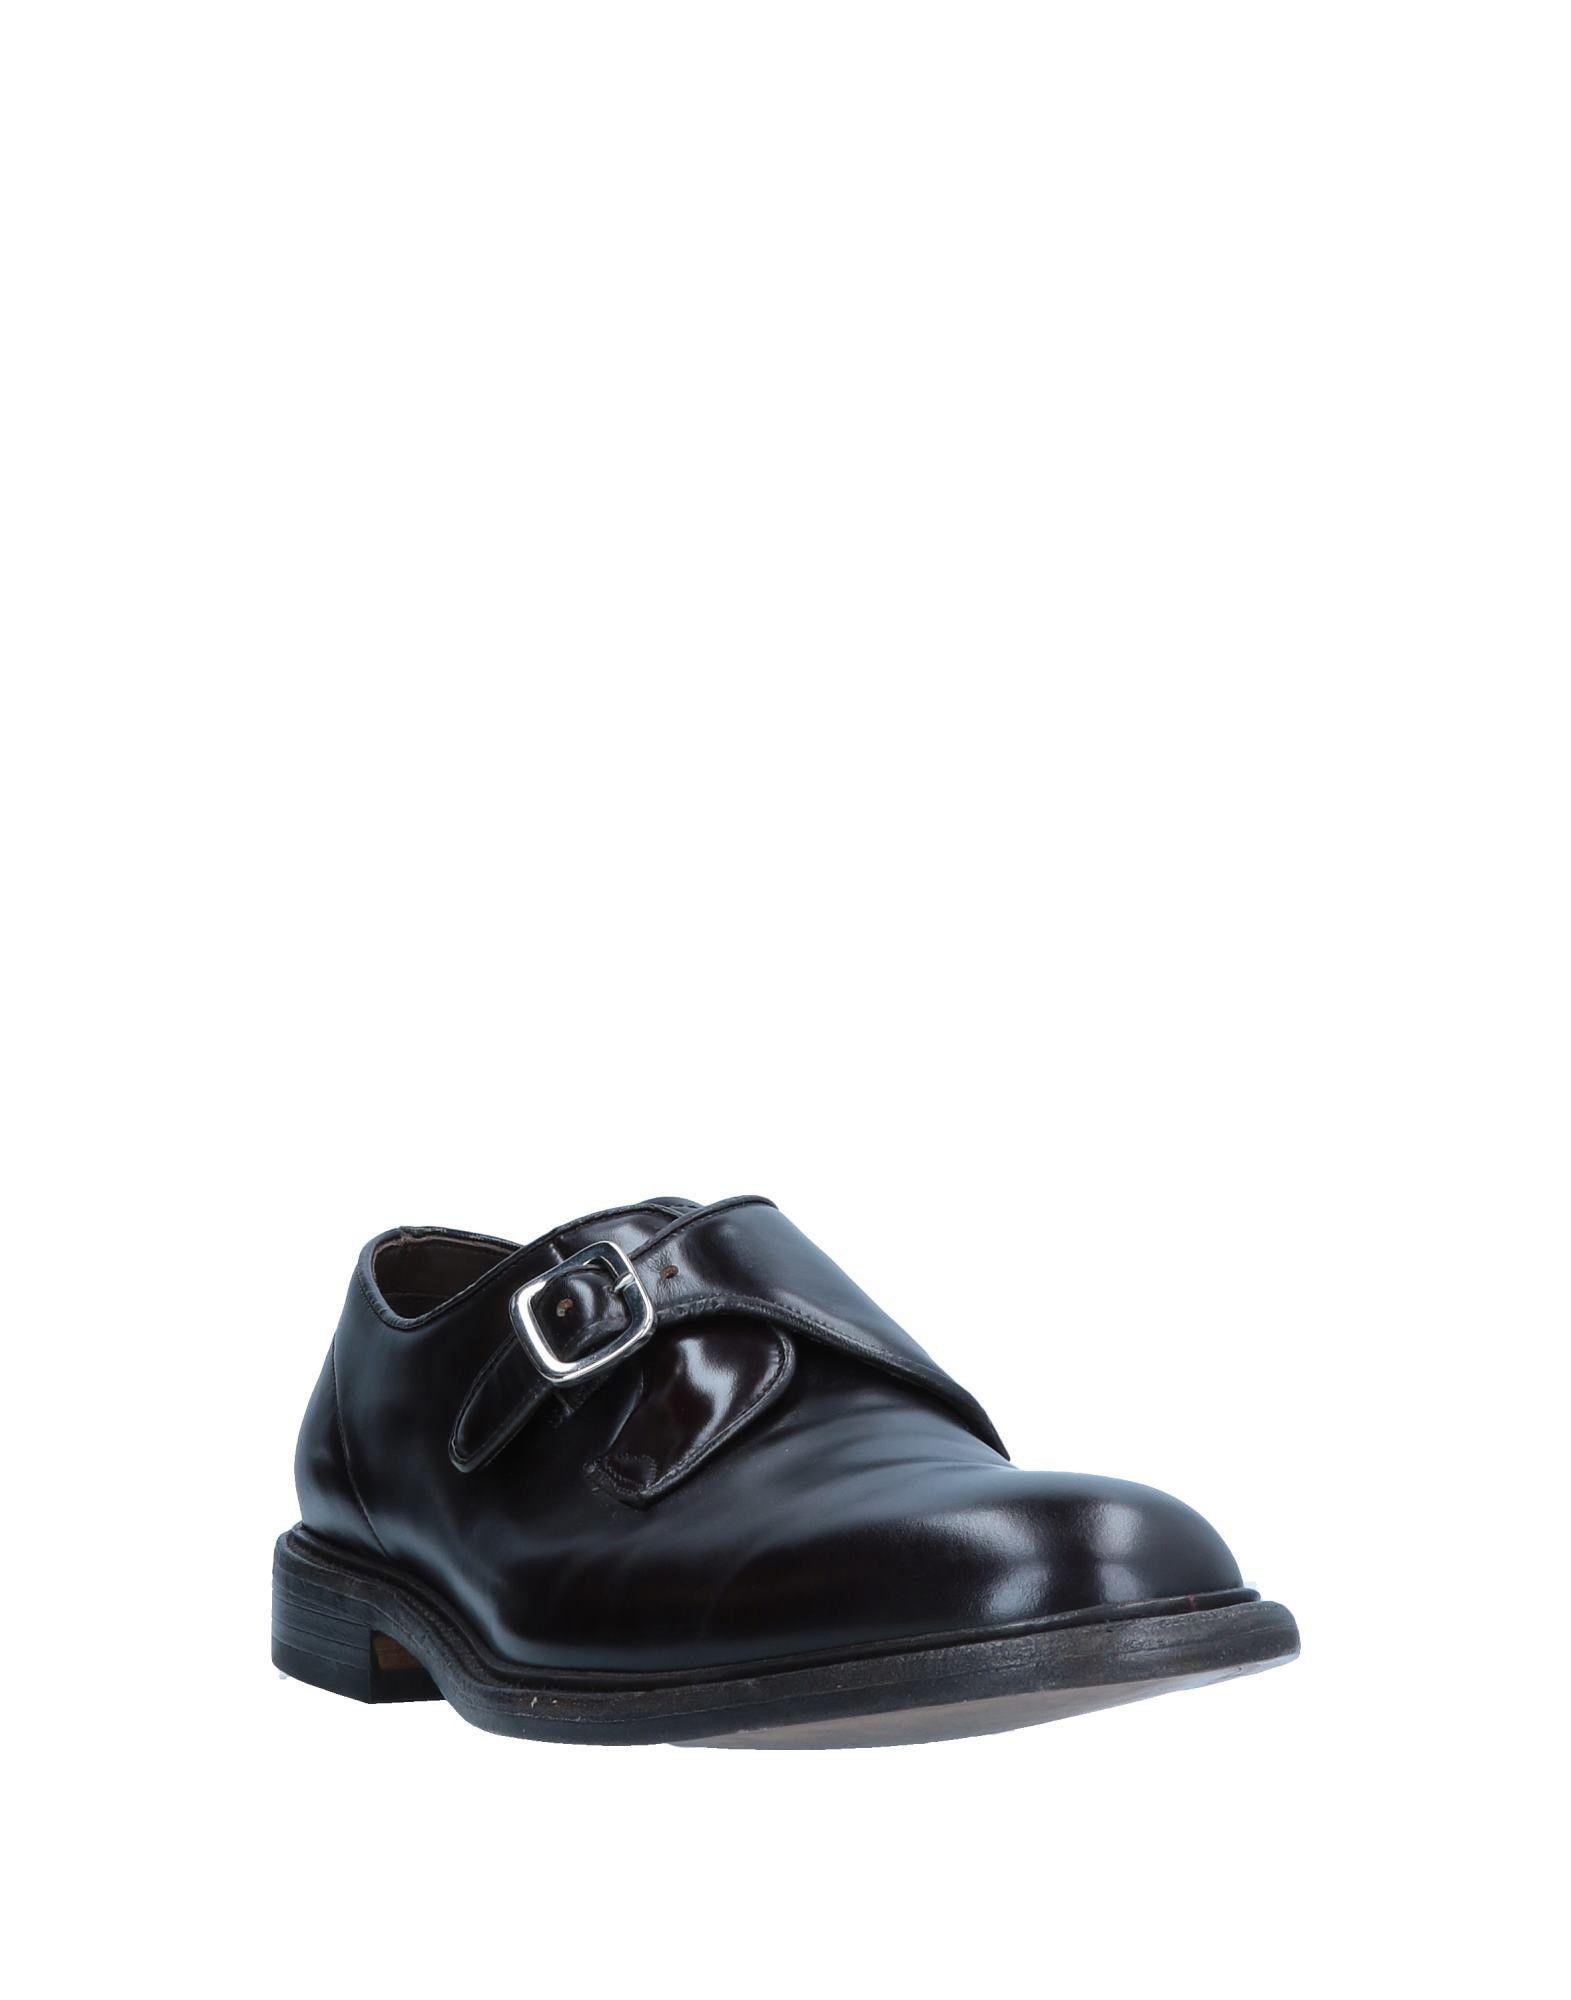 Green George Mokassins Qualität Herren  11548322KU Gute Qualität Mokassins beliebte Schuhe 0560f8